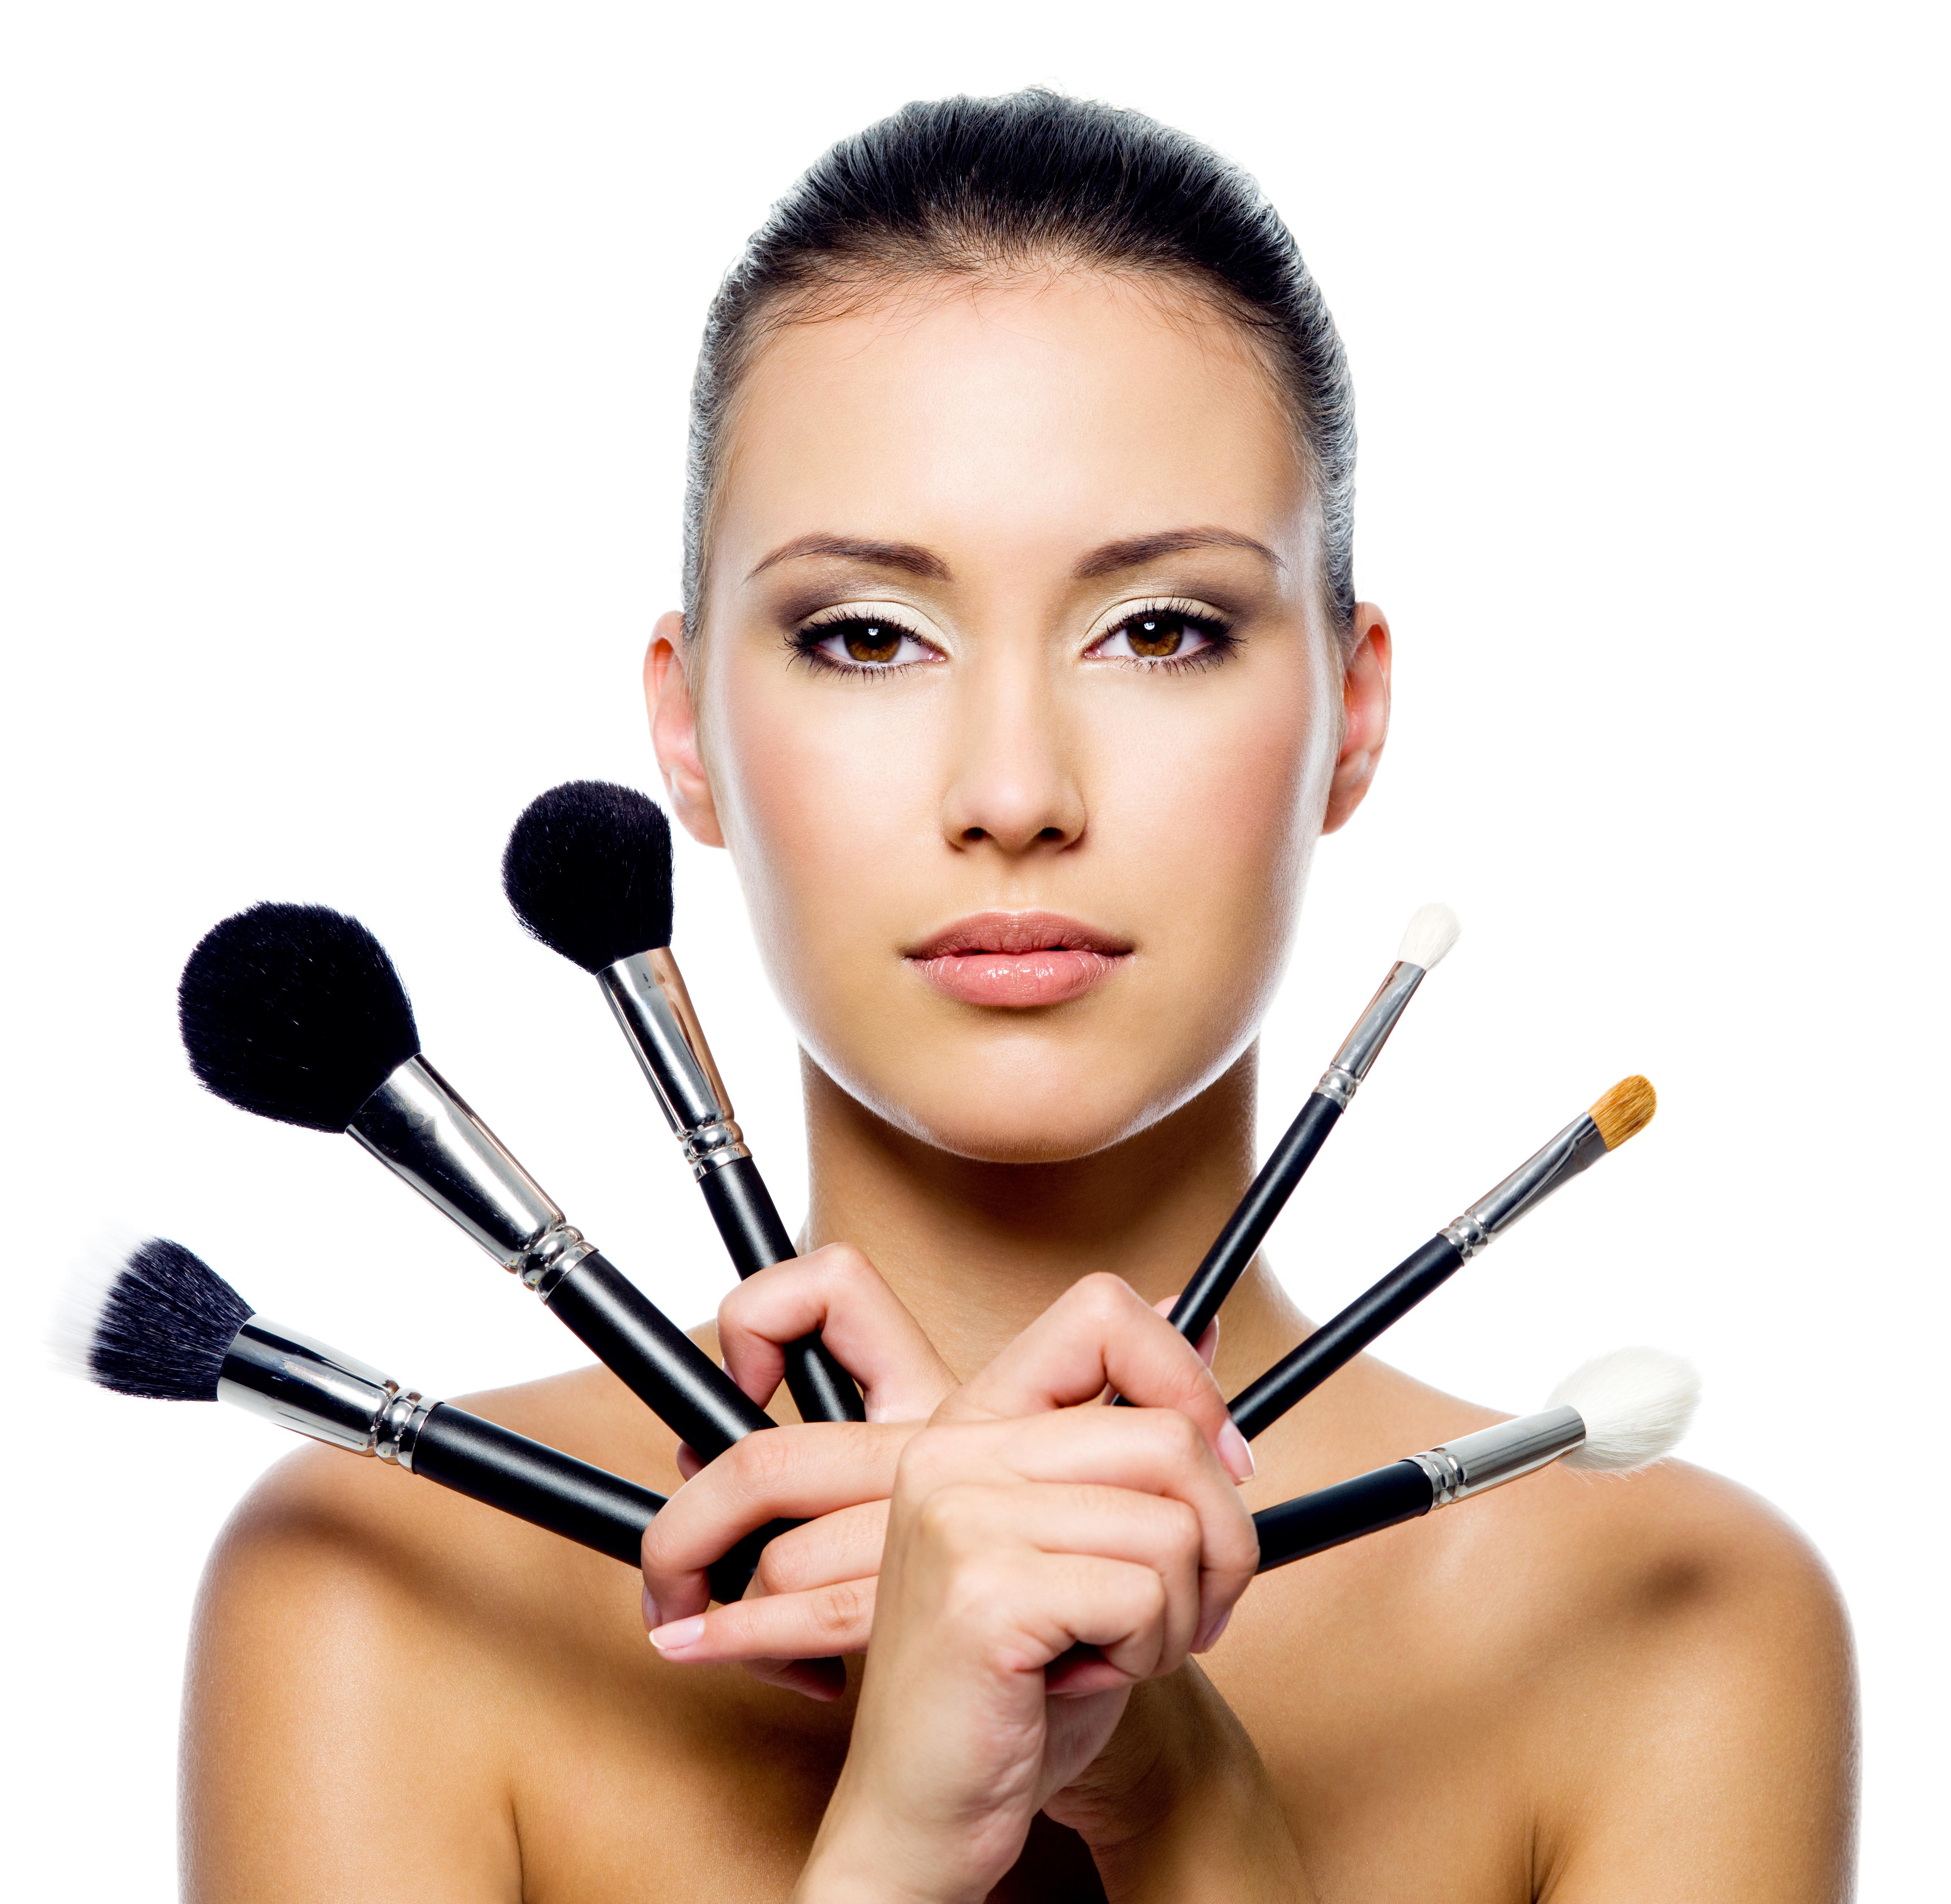 Maquillage des yeux conseils et astuces wmag modes et tendances - Maquillage araignee visage ...